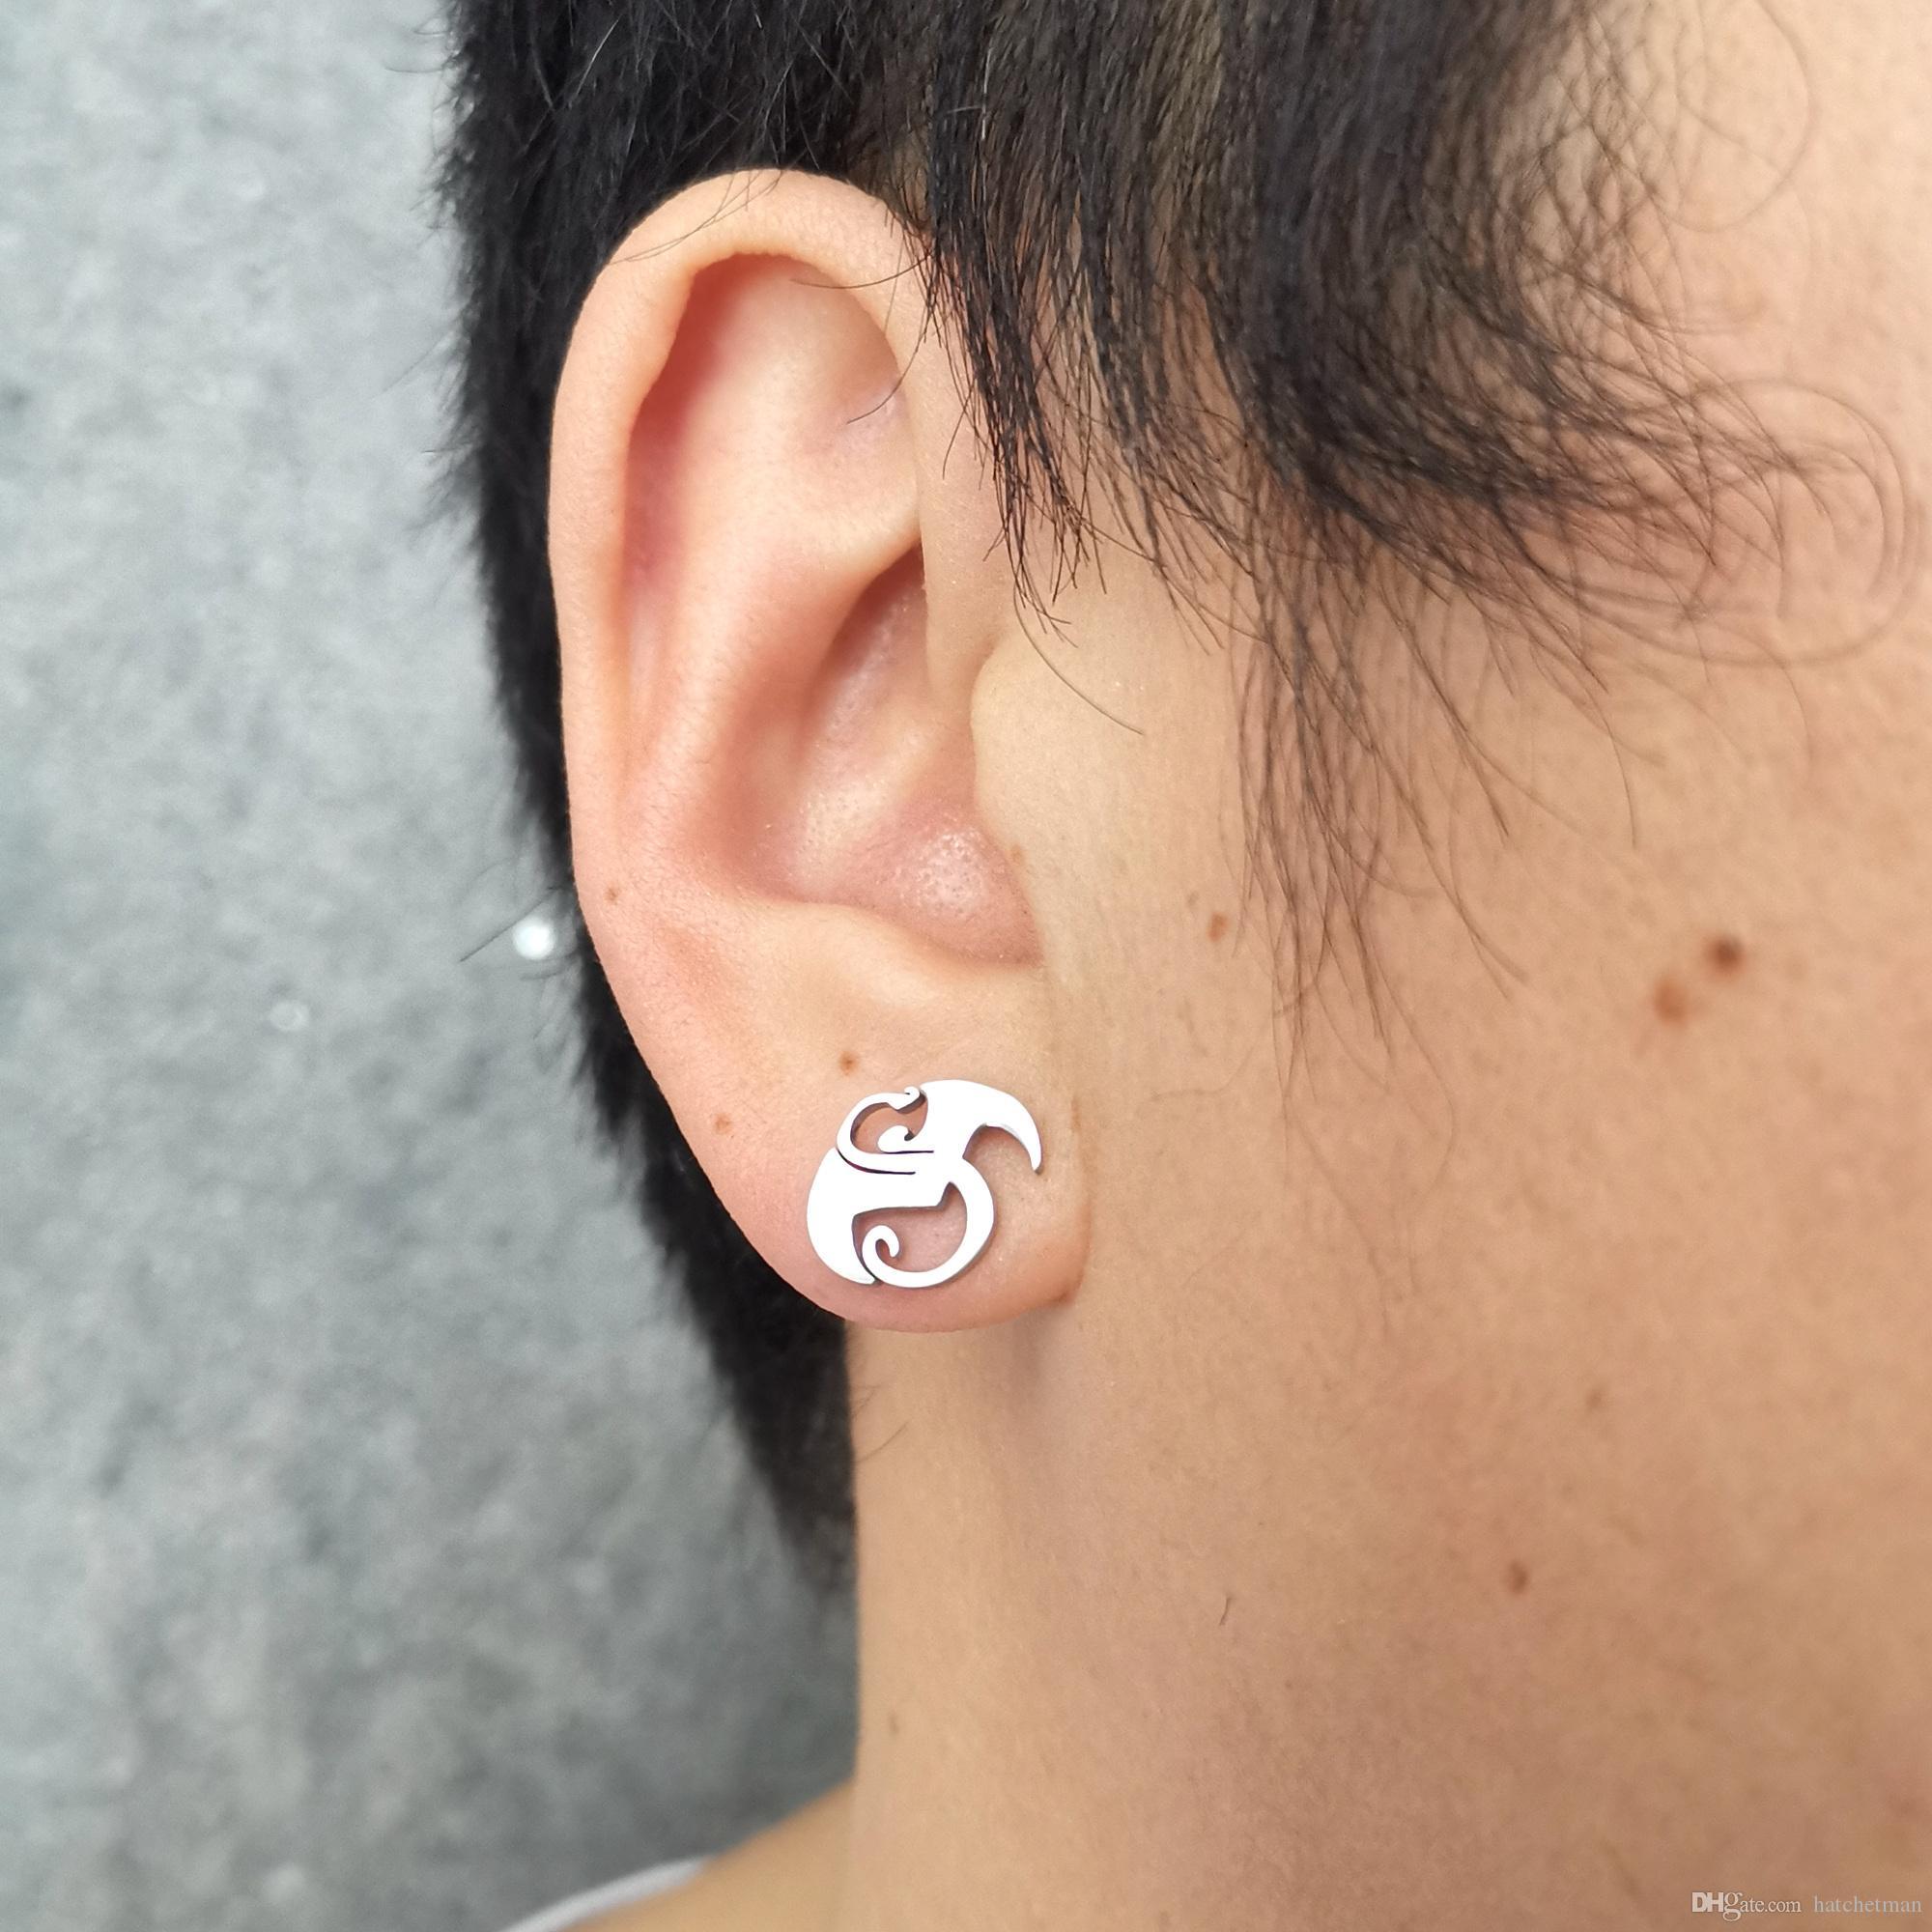 NEW Strange music charm Tech N9ne Orecchino Della Vite Prigioniera in acciaio inox argento polacco dei monili di marca nuovo disegno buon regalo per unisex